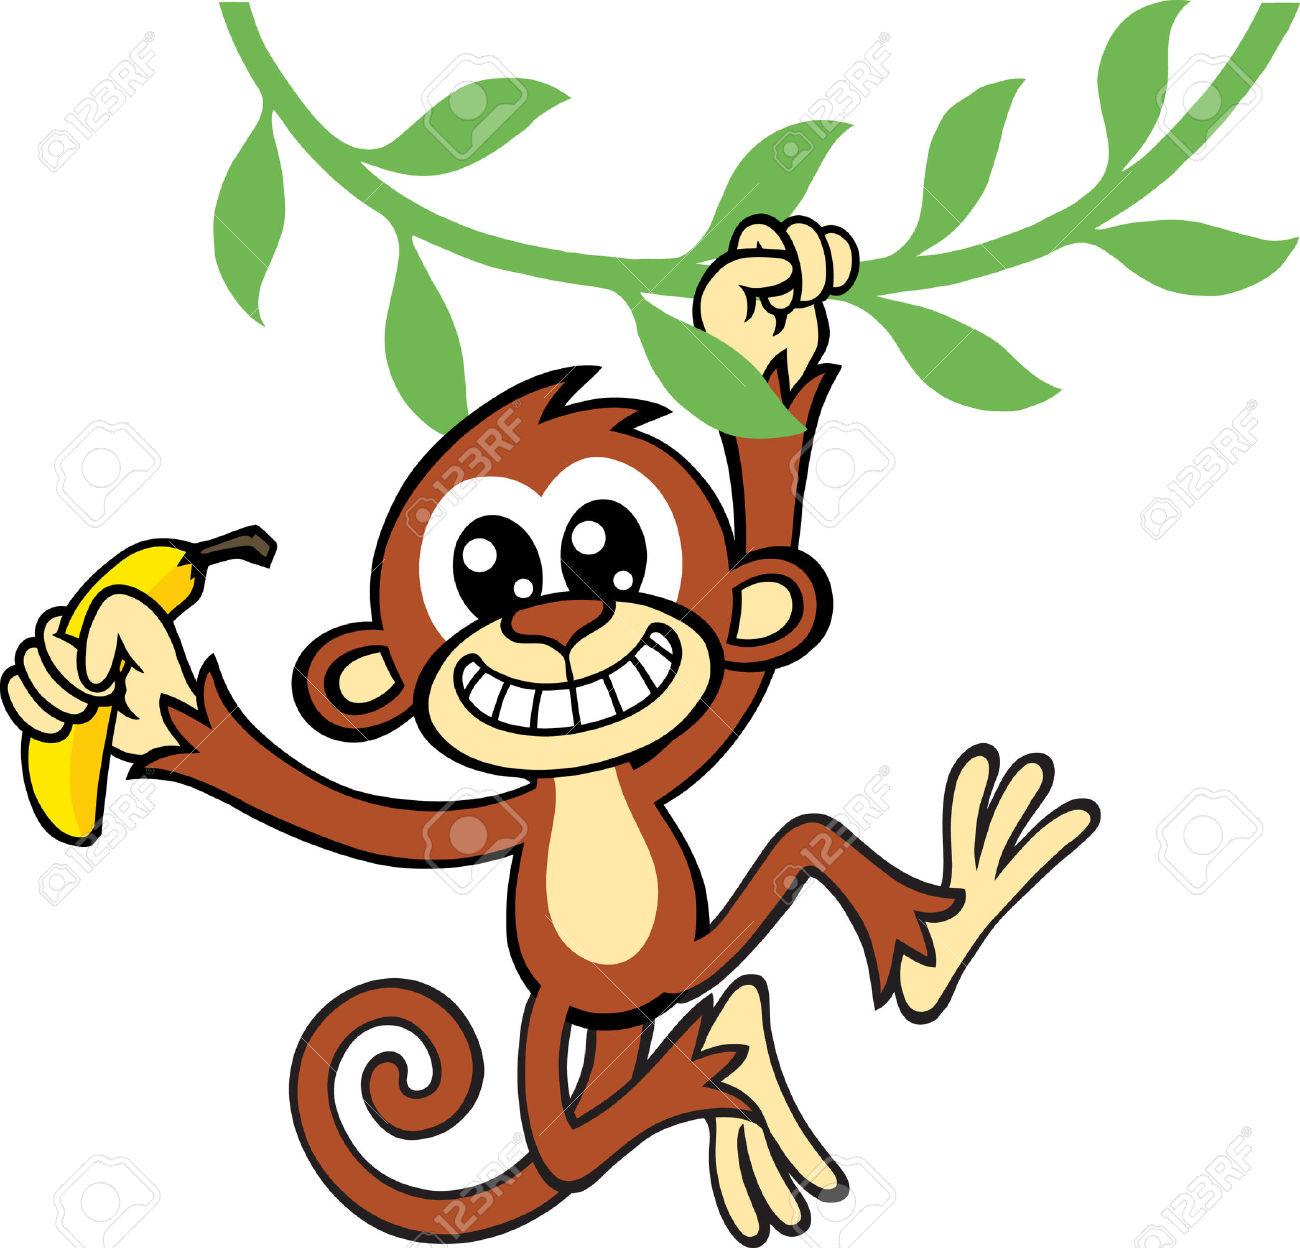 1300x1248 Free Clipart + Monkey + Banana